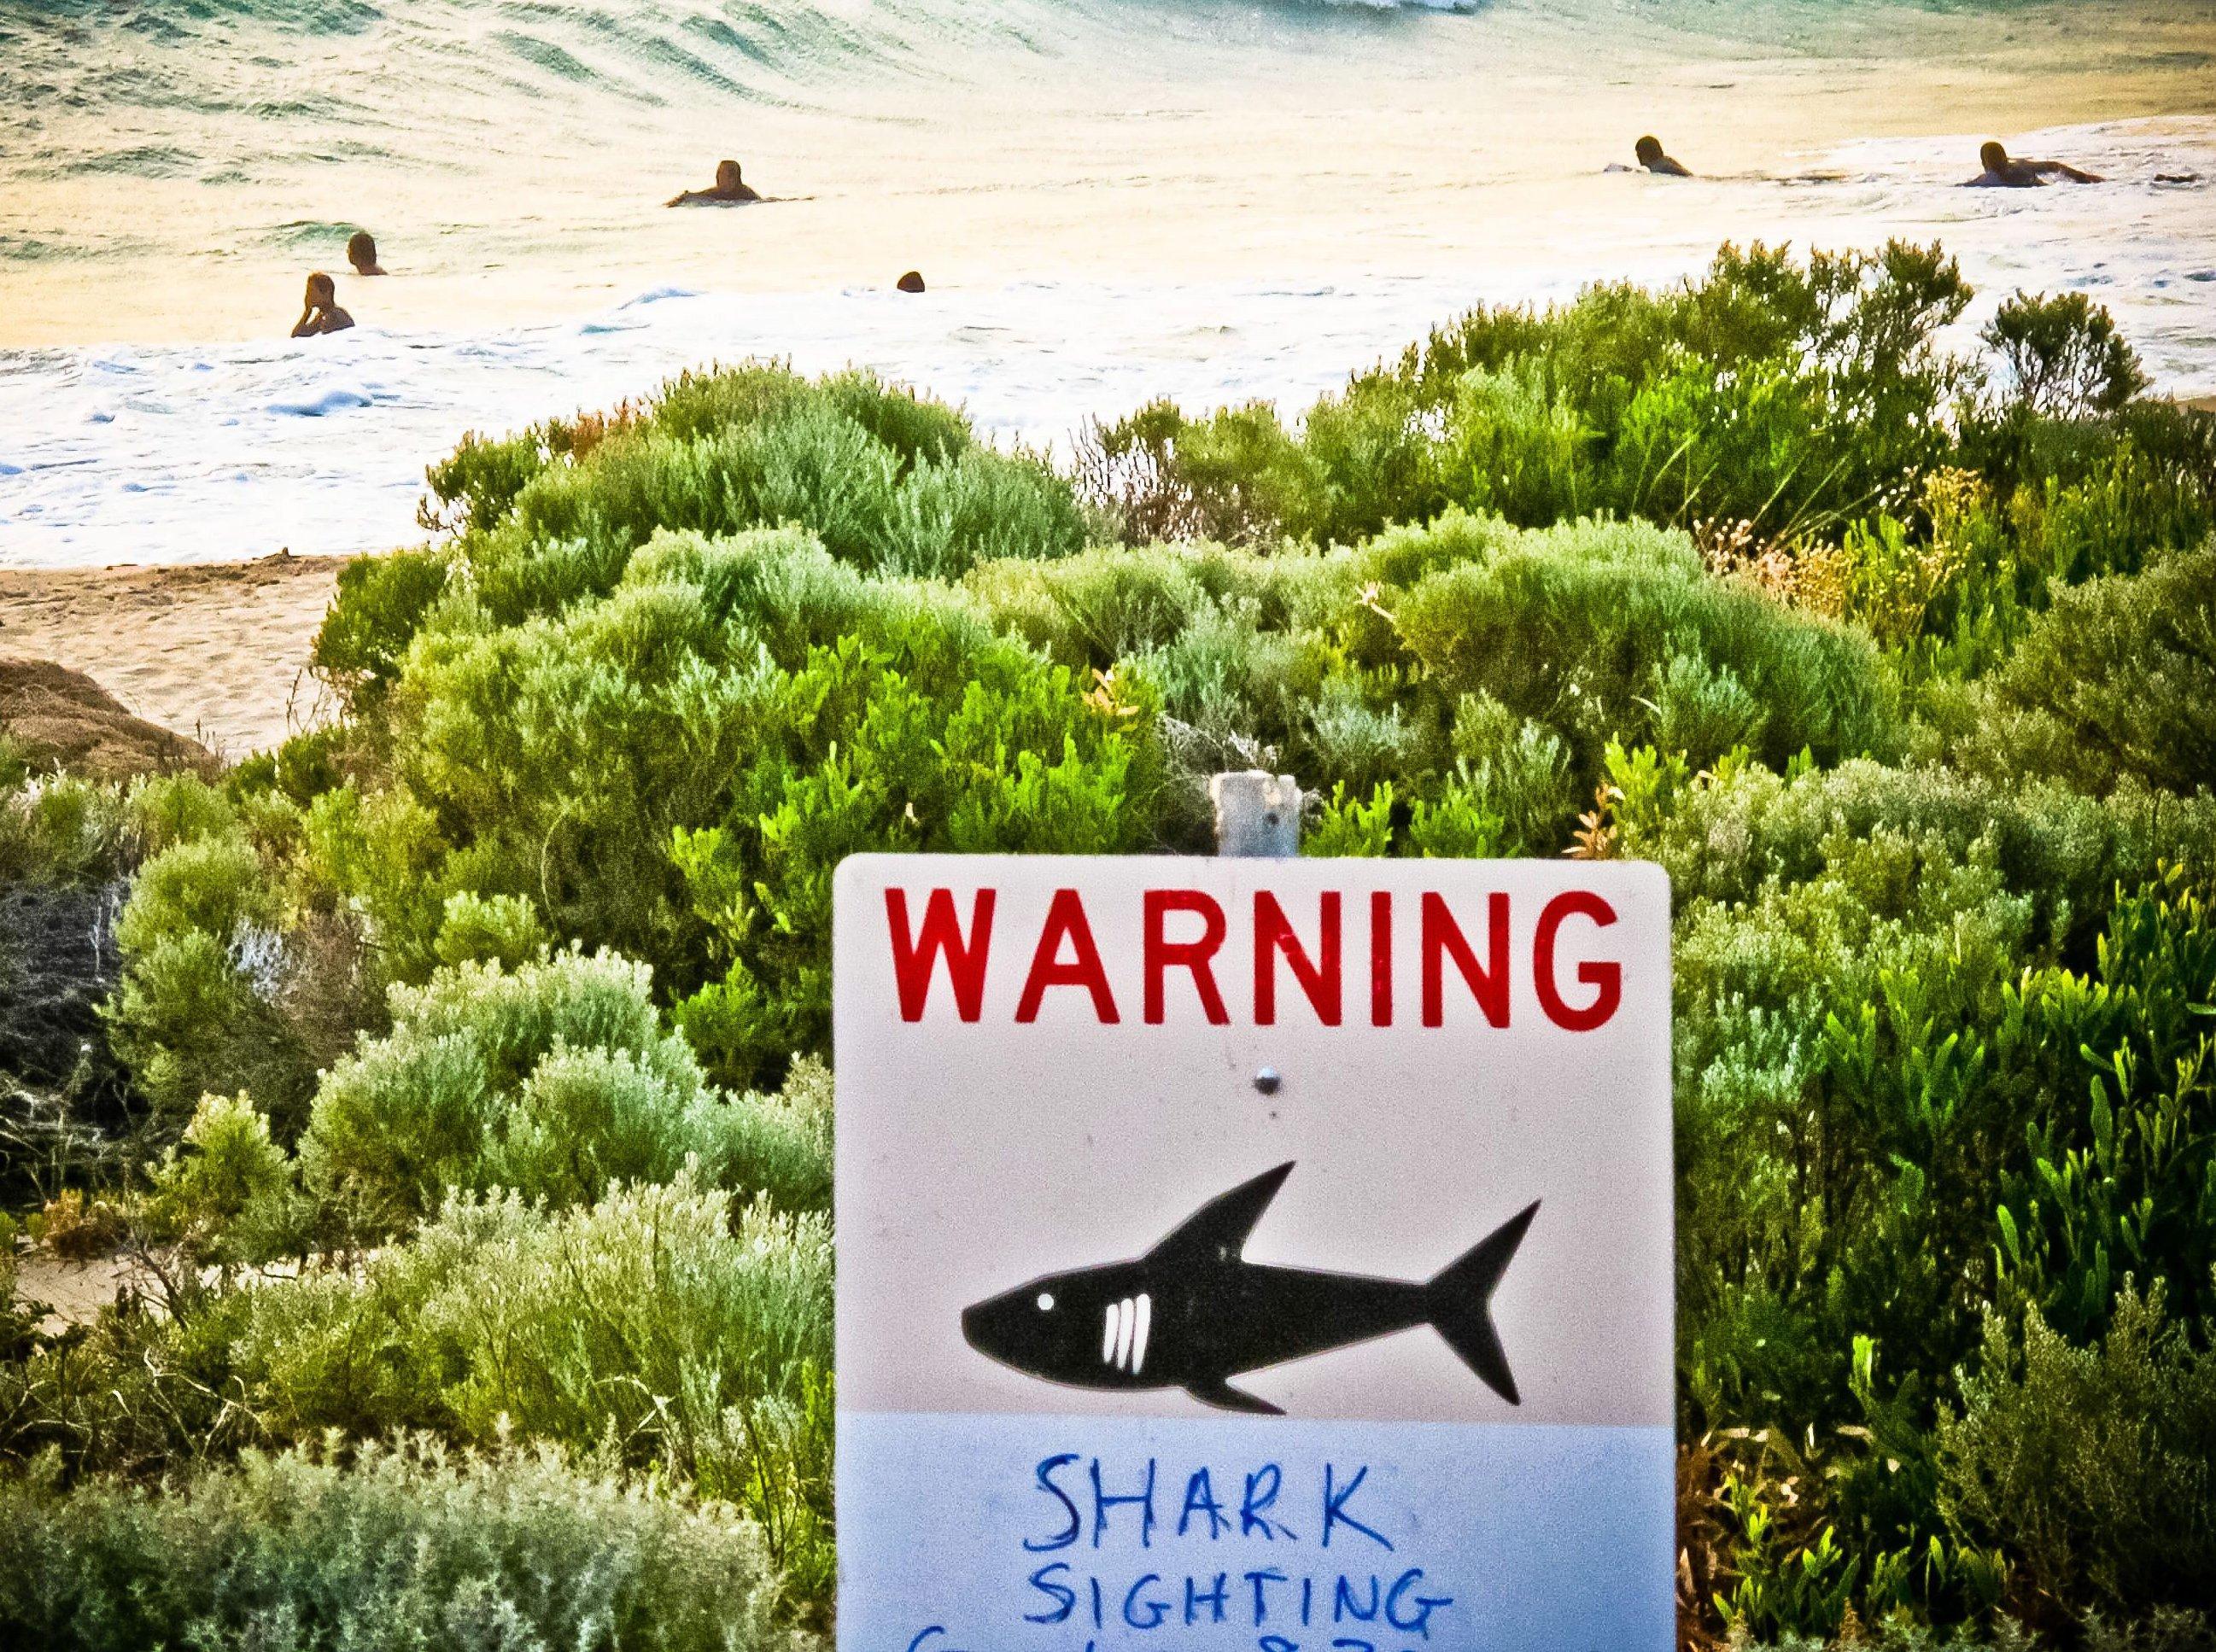 Hai-Alarm: Australien testet aktuell Drohnen in Küstennähe, die an eine Leitstelle die genaue Position eines gesichteten Hais melden. Diese informiert die Rettungsschwimmer der betroffenen Strände, so dass umgehend Sicherheitsmaßnahmen eingeleitet werden können.